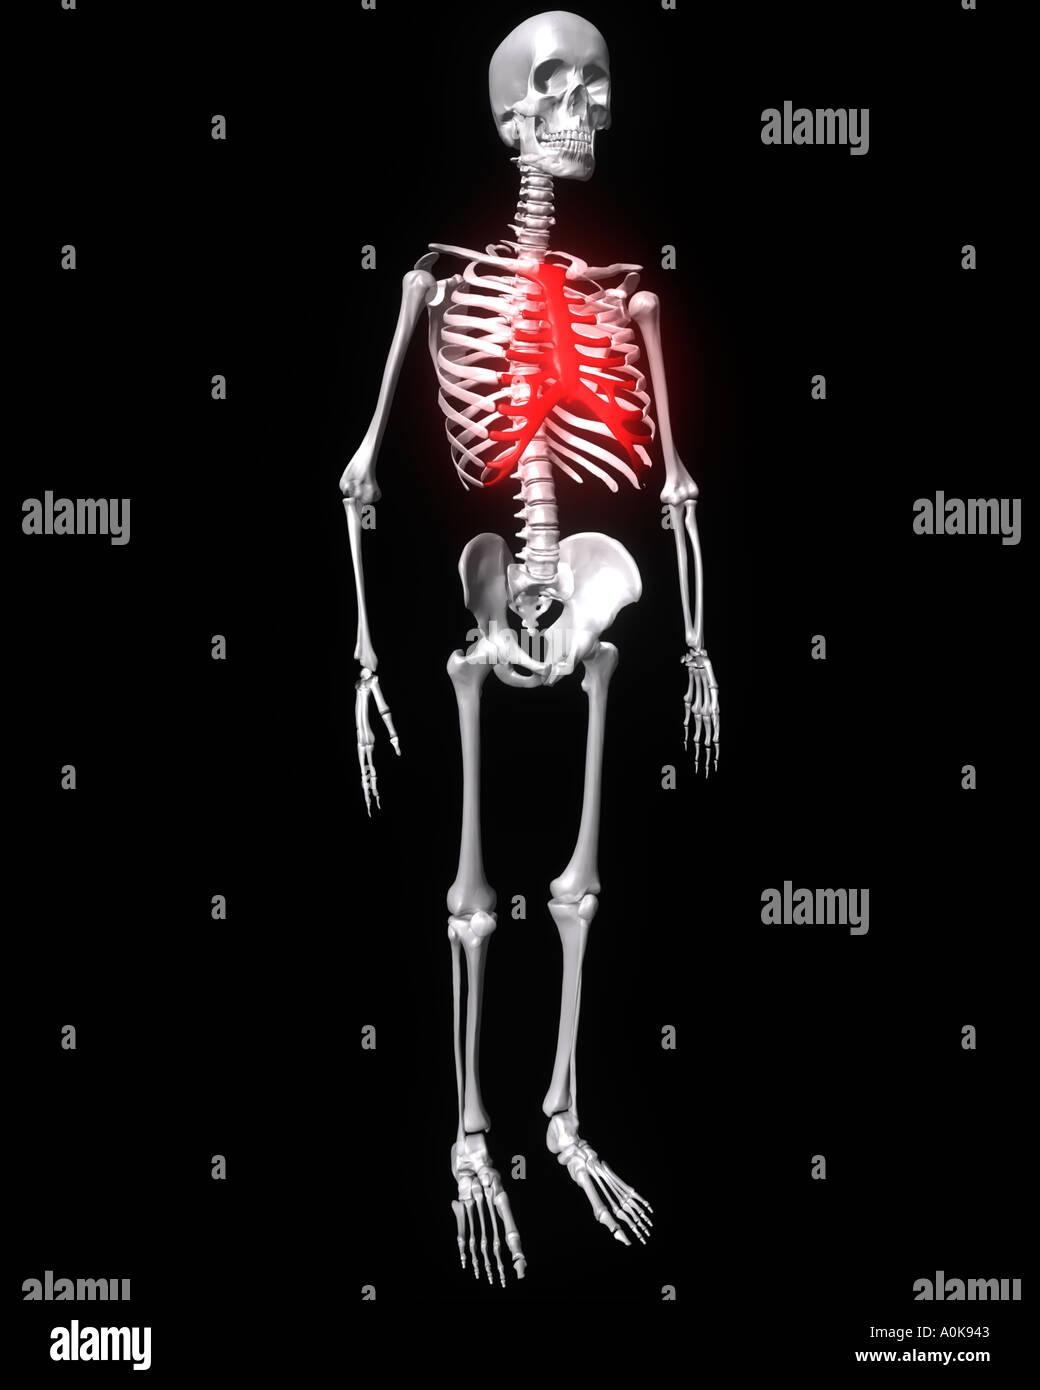 Brustbein auf menschliches Skelett rot hervorgehoben Stockfoto, Bild ...